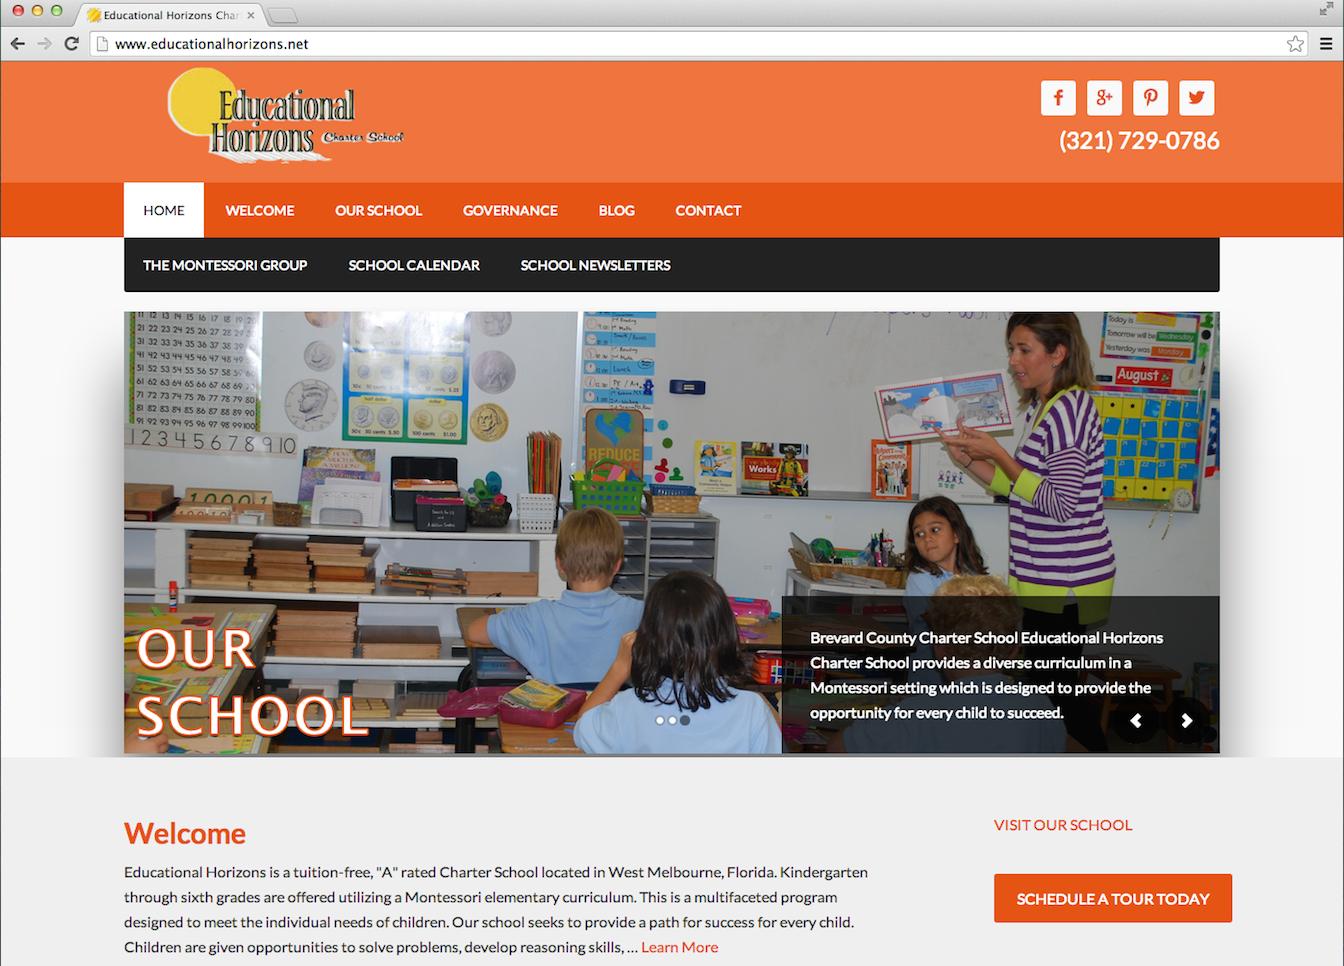 EducationalHorizons.net